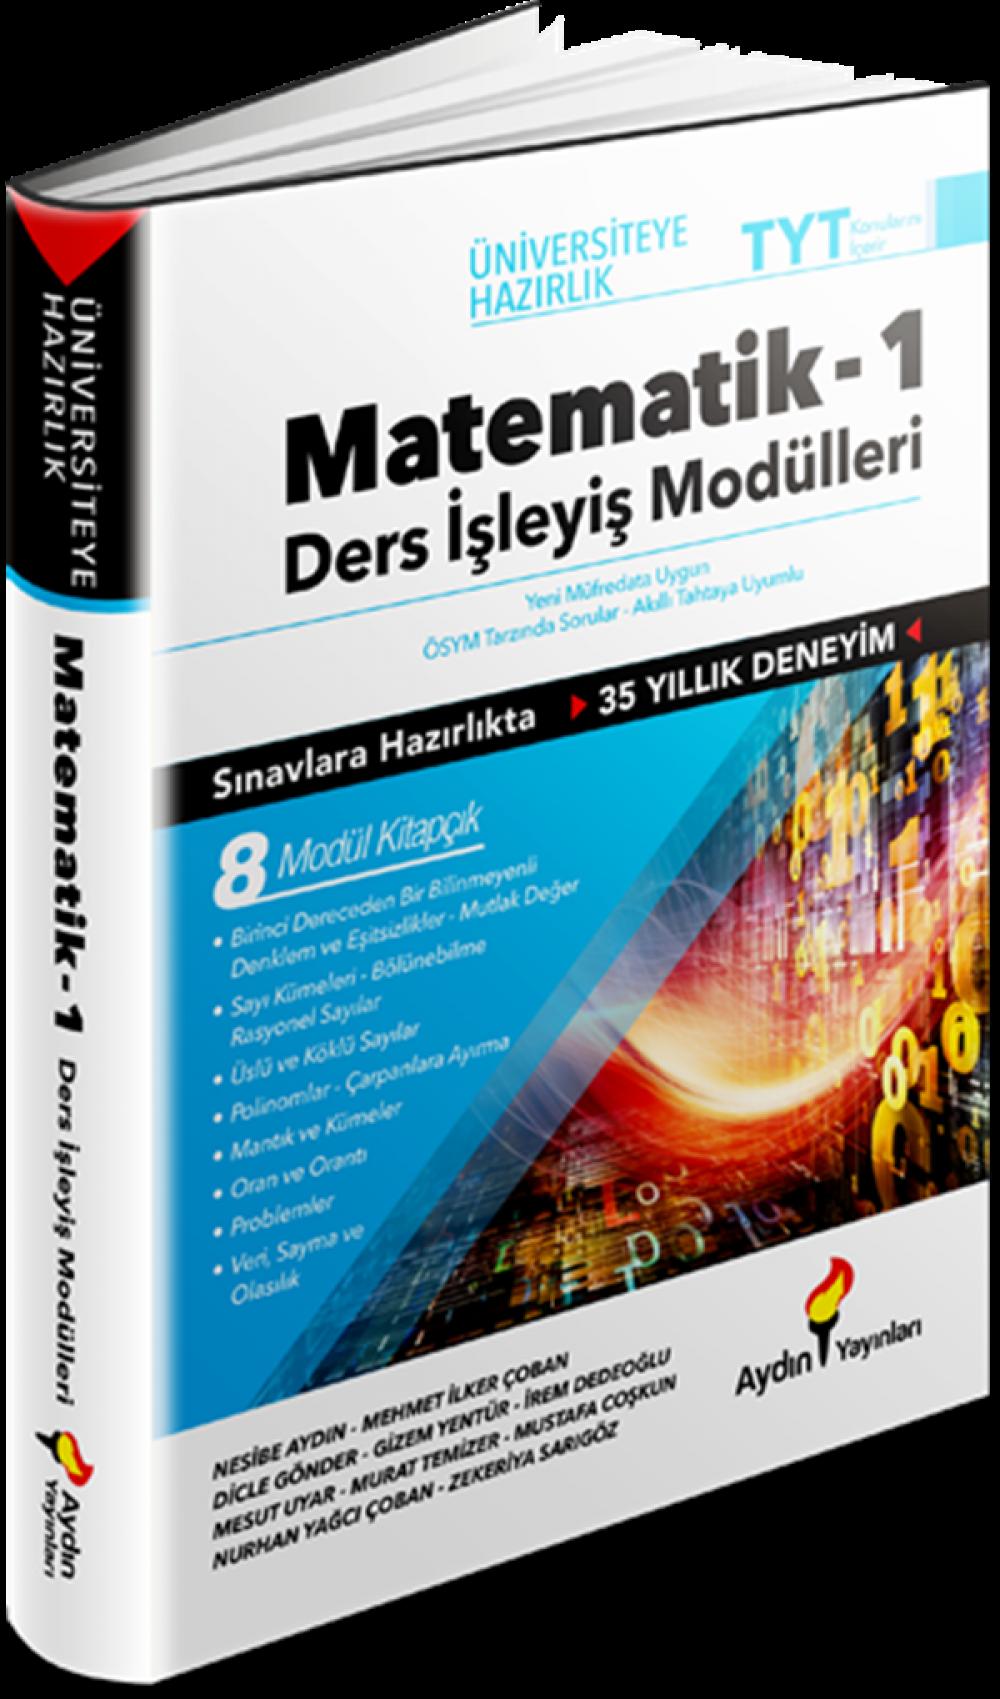 Aydın Yayınları TYT Matematik Ders İşleyiş Modülleri 1. Kitap